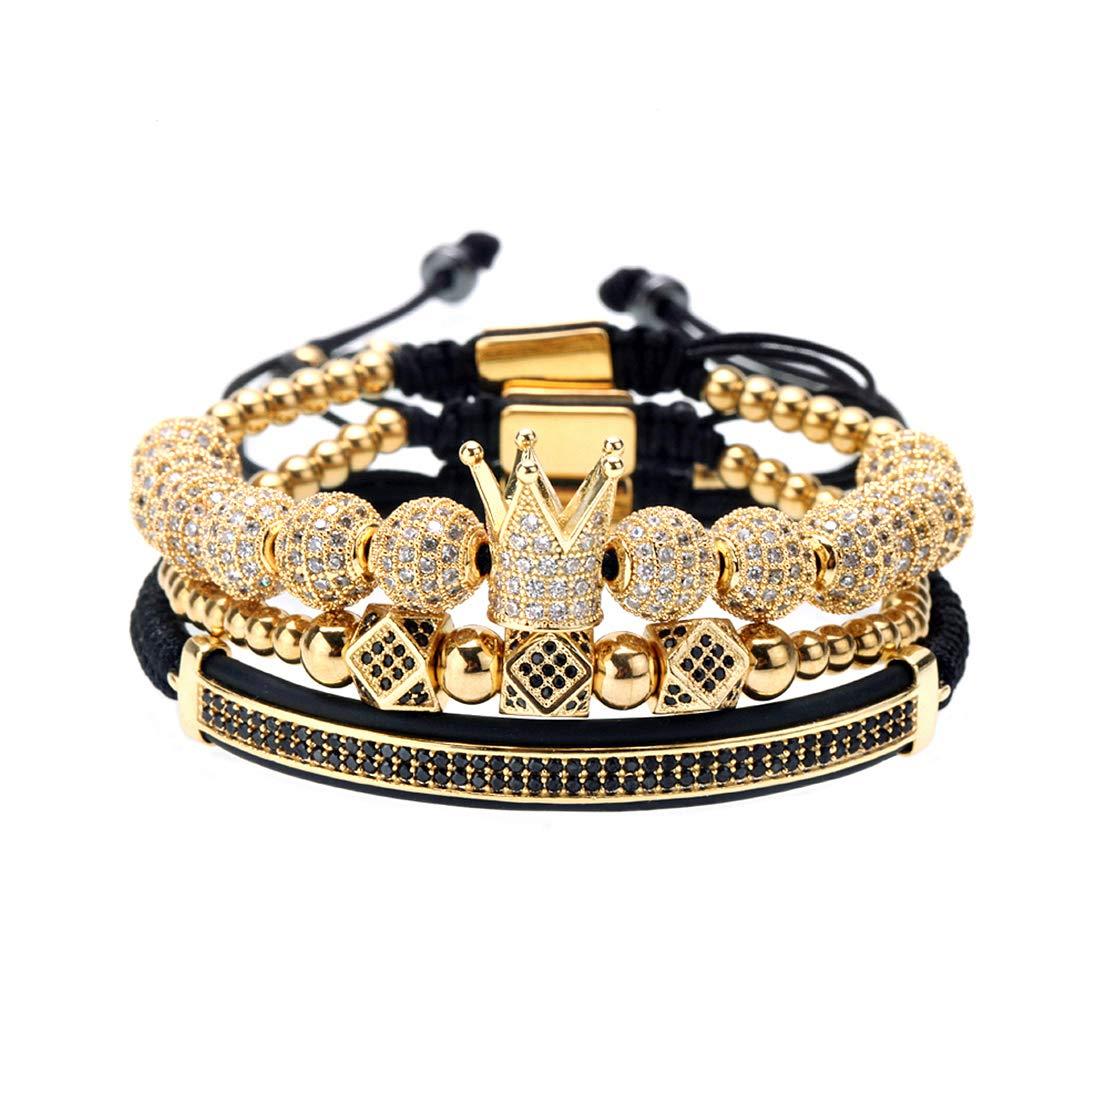 MAOCEN Men Women Bracelets Luxury Royal Crown Charm Jewelry Bracelets Gold/Silver (Gold 1set) by MAOCEN